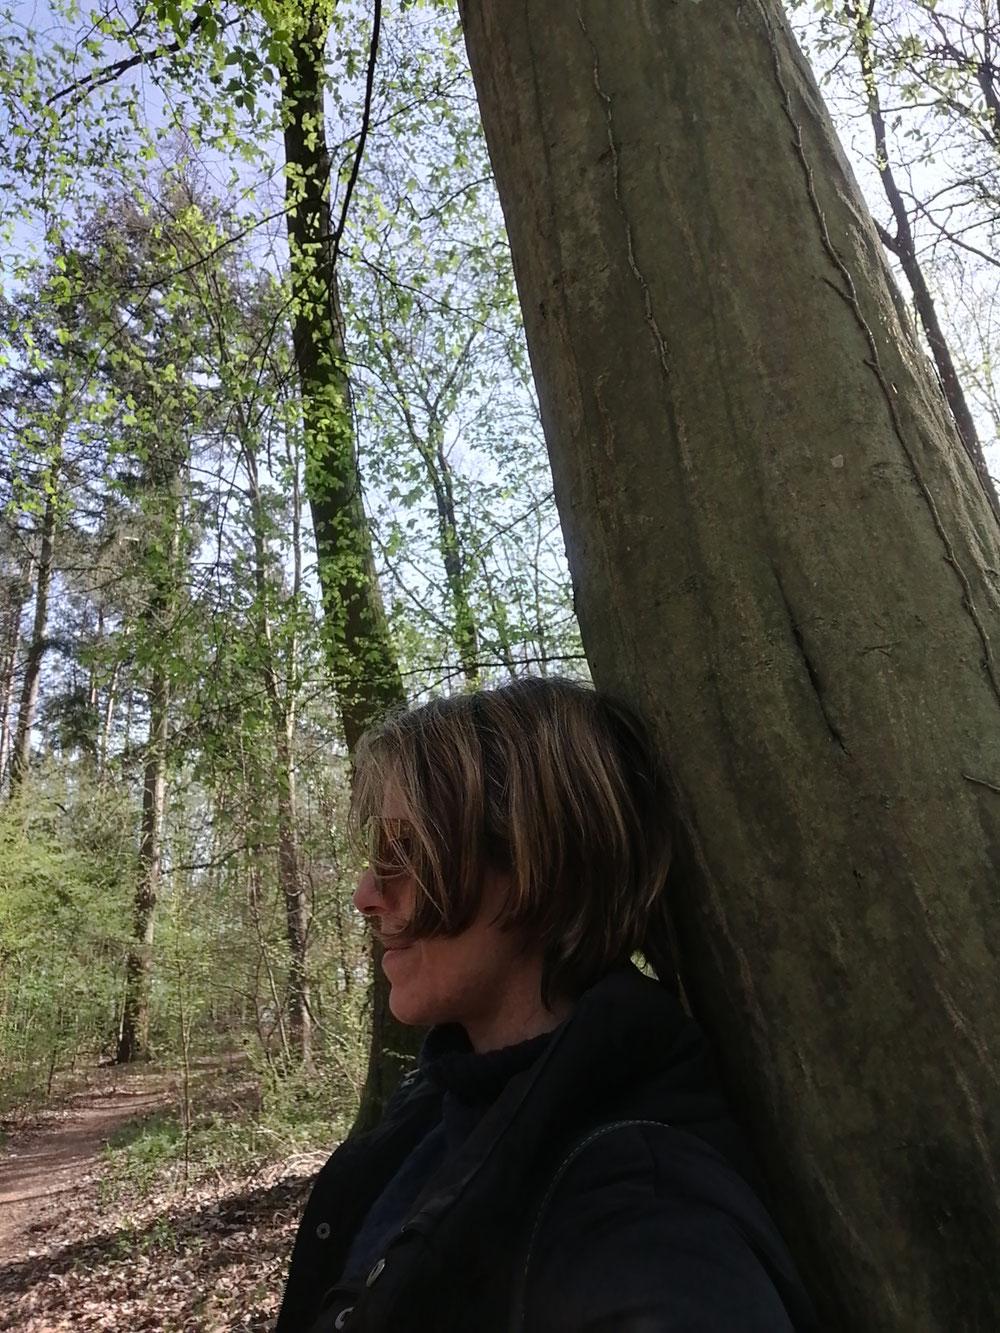 Sich in die Länge ziehen entlang des Baumes